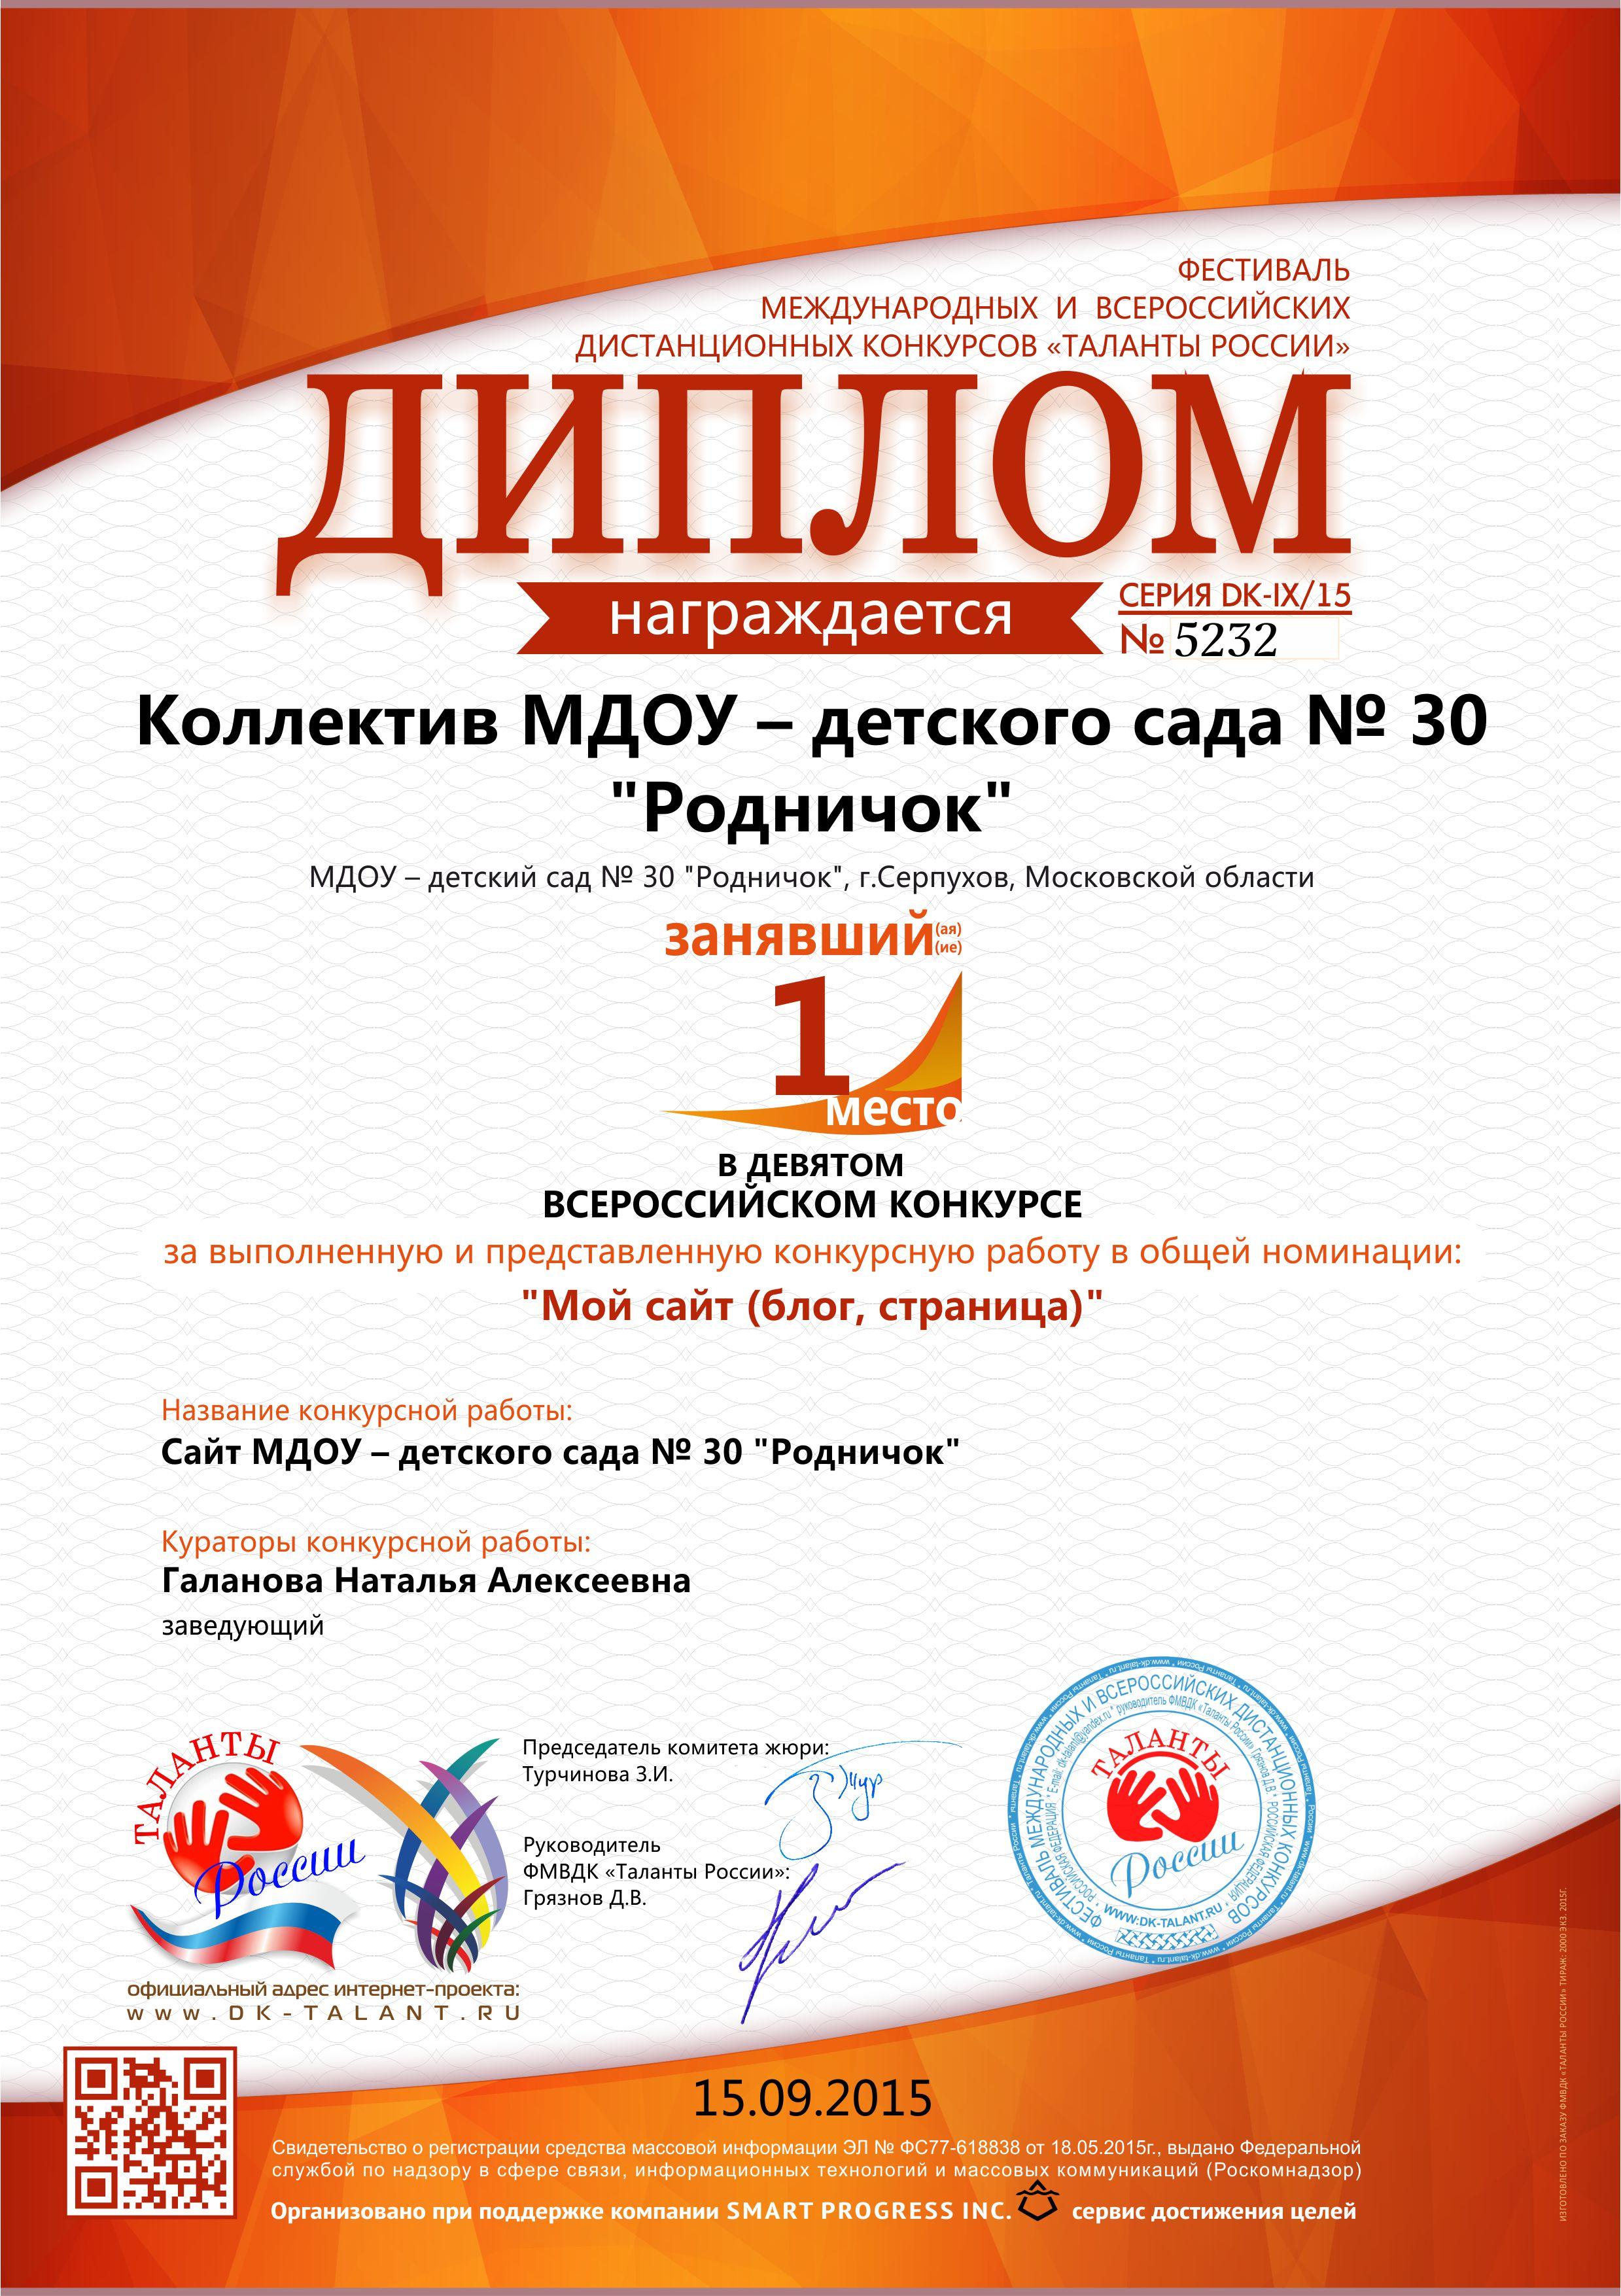 Международные и всероссийские дистанционные конкурсы